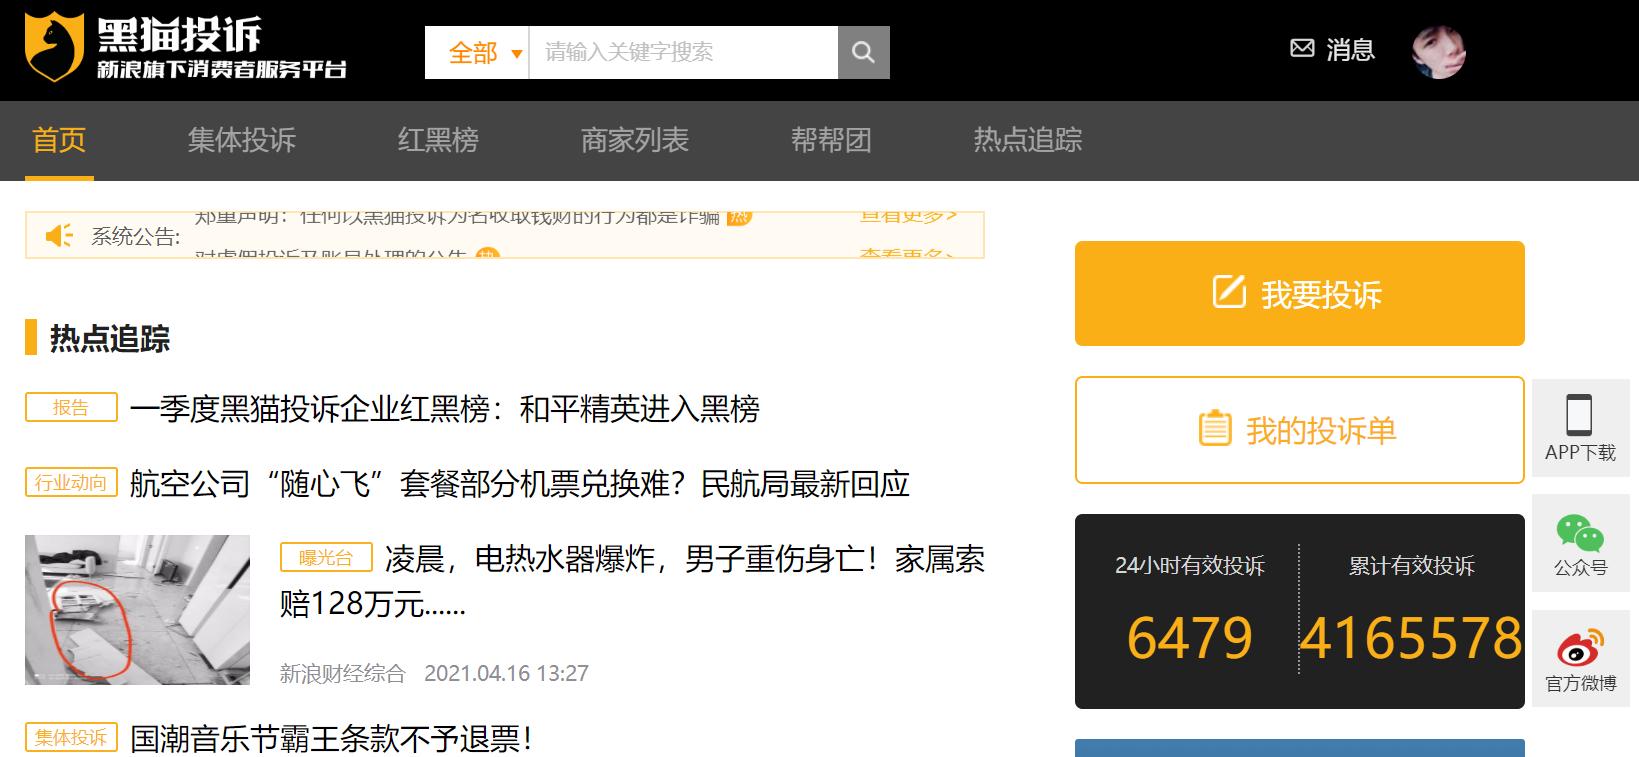 黑猫315网上投诉维权平台